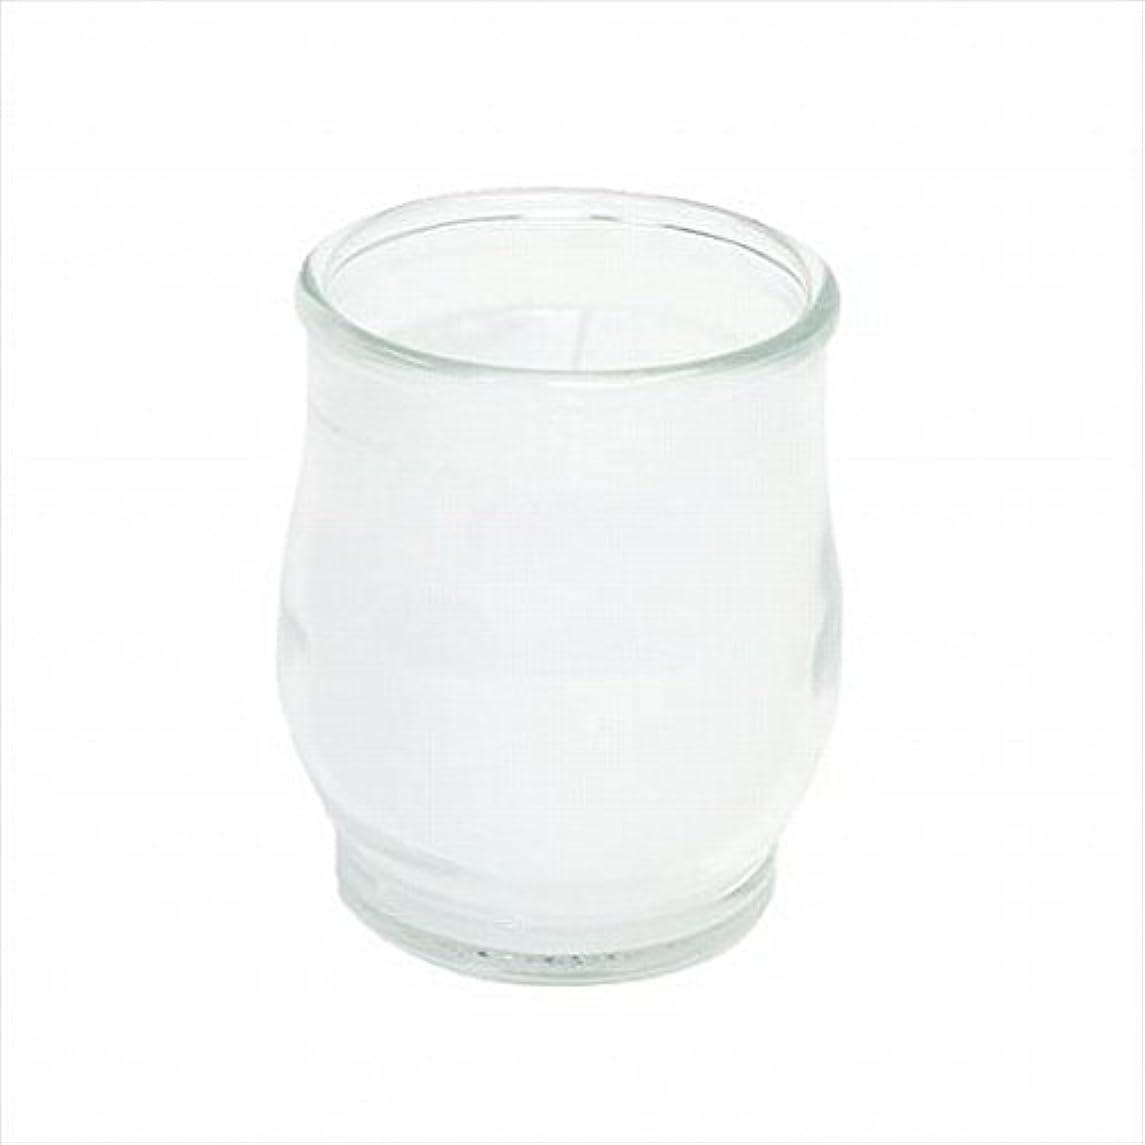 夫神社異邦人kameyama candle(カメヤマキャンドル) ポシェ(非常用コップローソク) 「 クリア 」 キャンドル 68x68x80mm (73020000C)